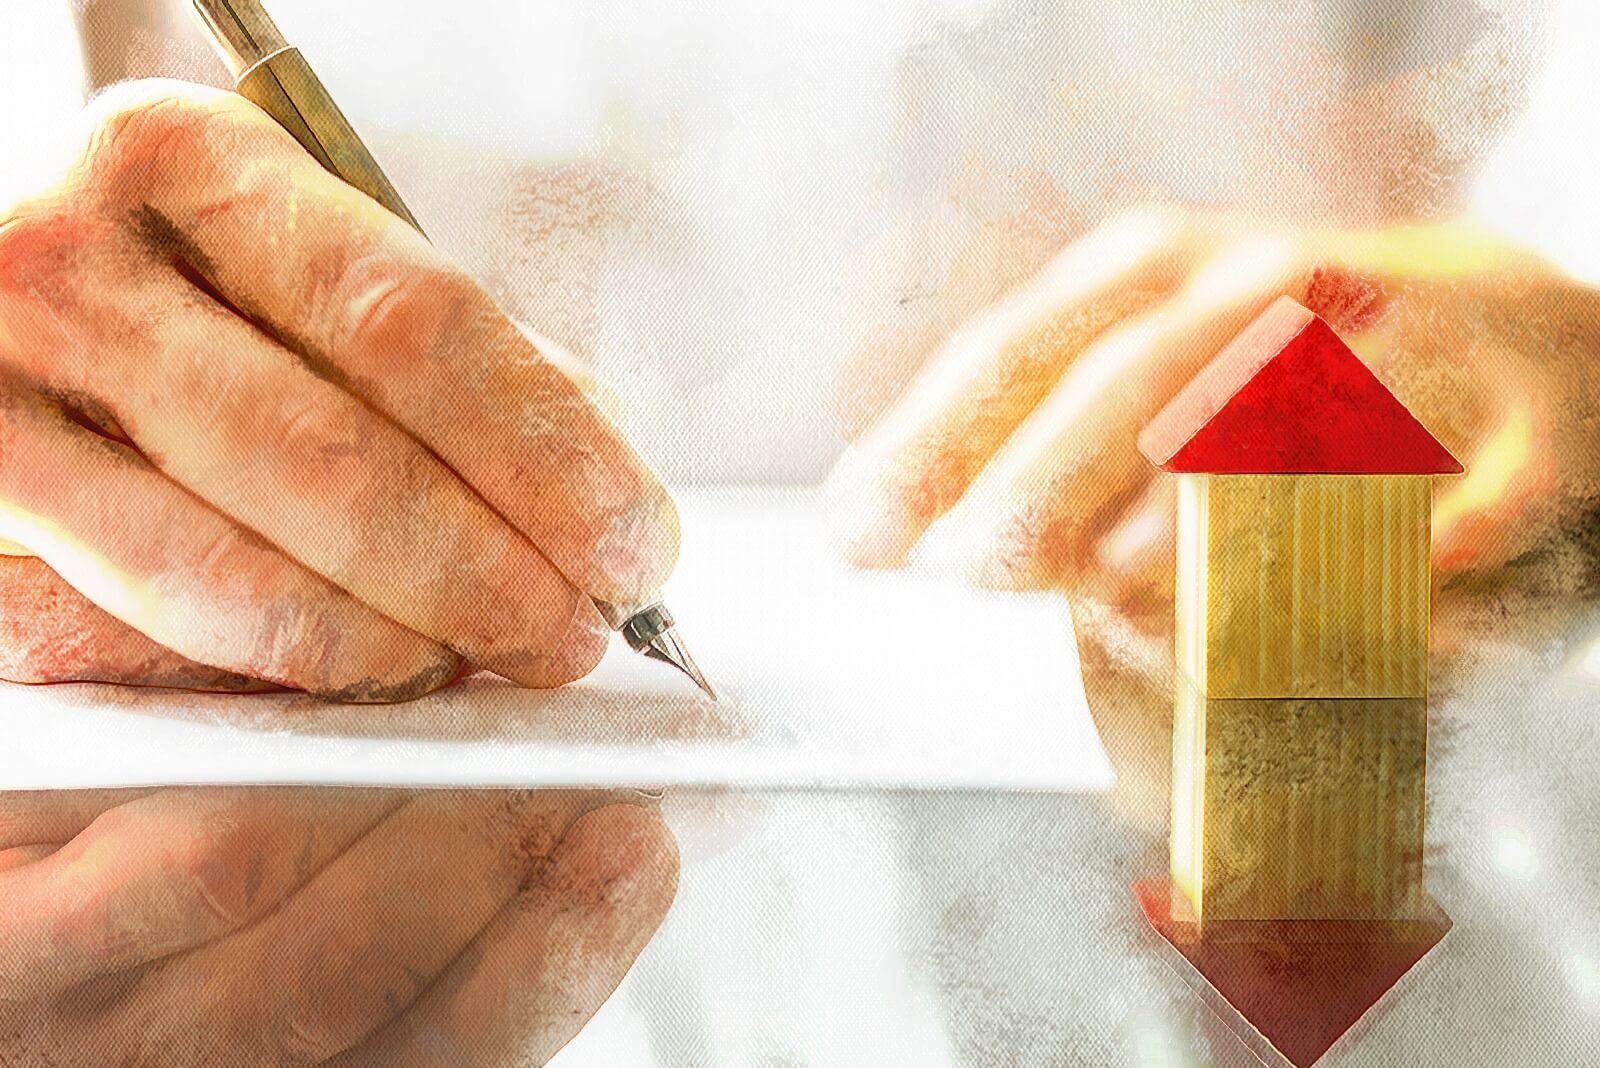 Какой нужен стаж работы для ипотеки? Список банков дающие ипотеку с маленьким стажем работы